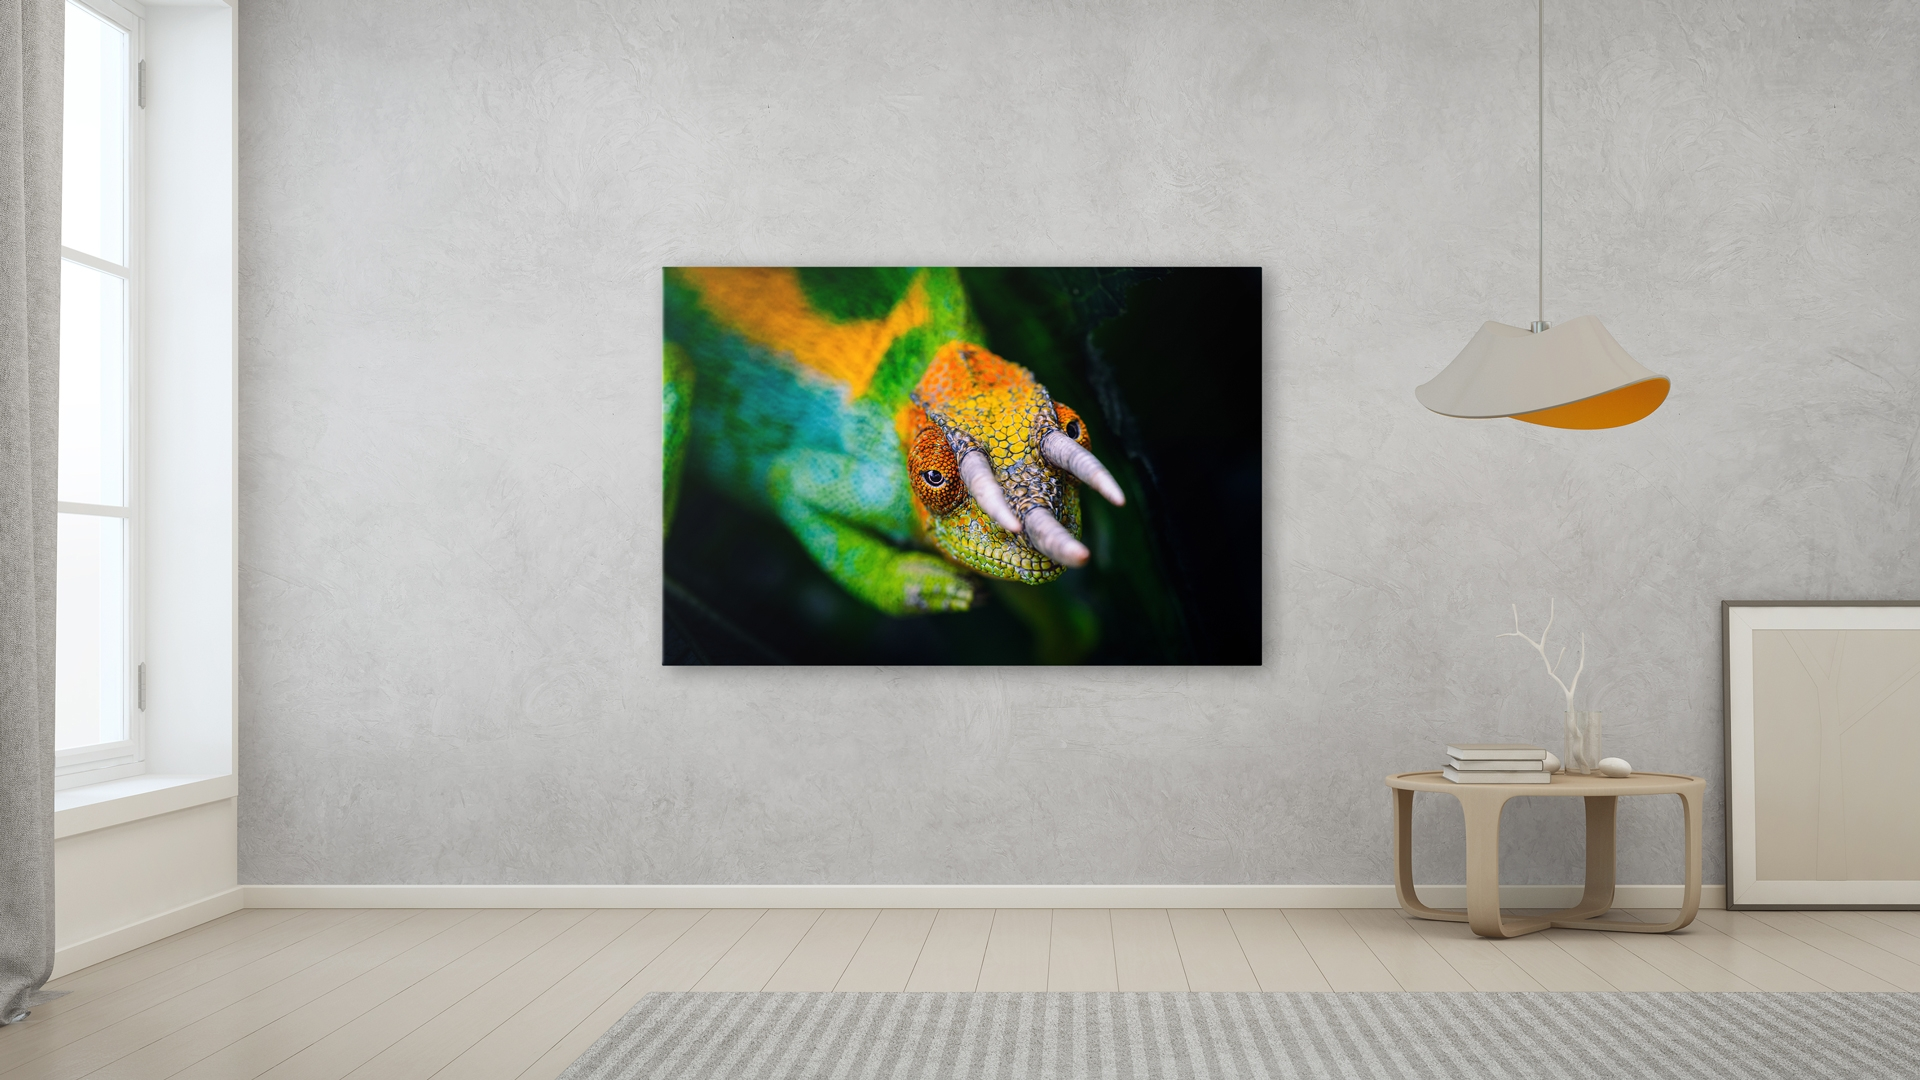 Highland Chameleon